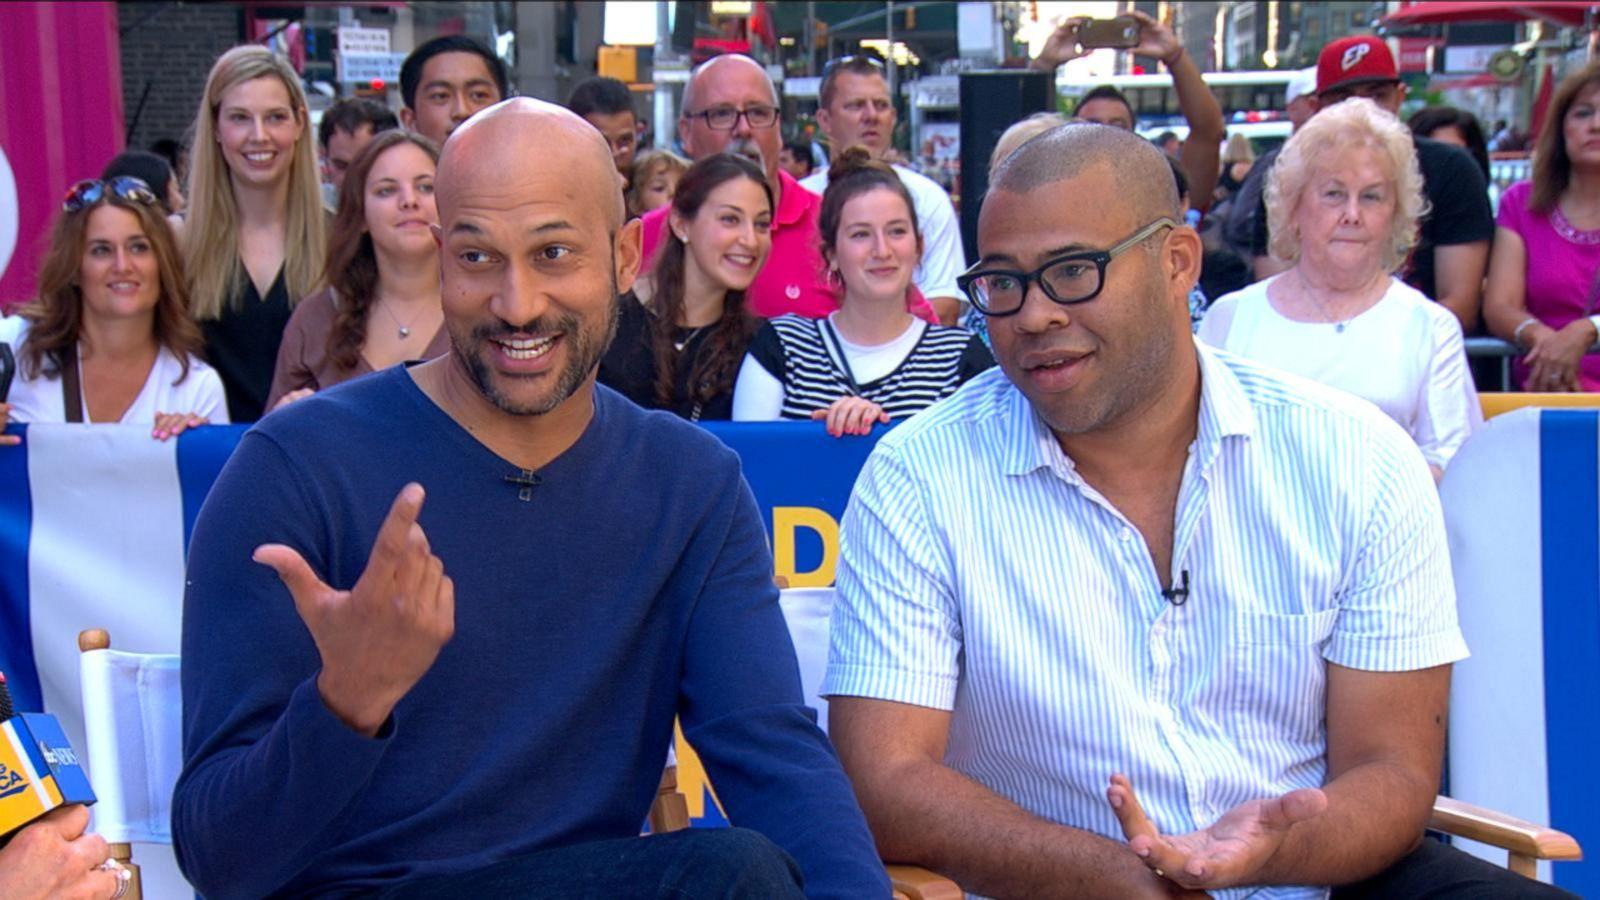 VIDEO: Key and Peele Talk 'Storks' on 'GMA'